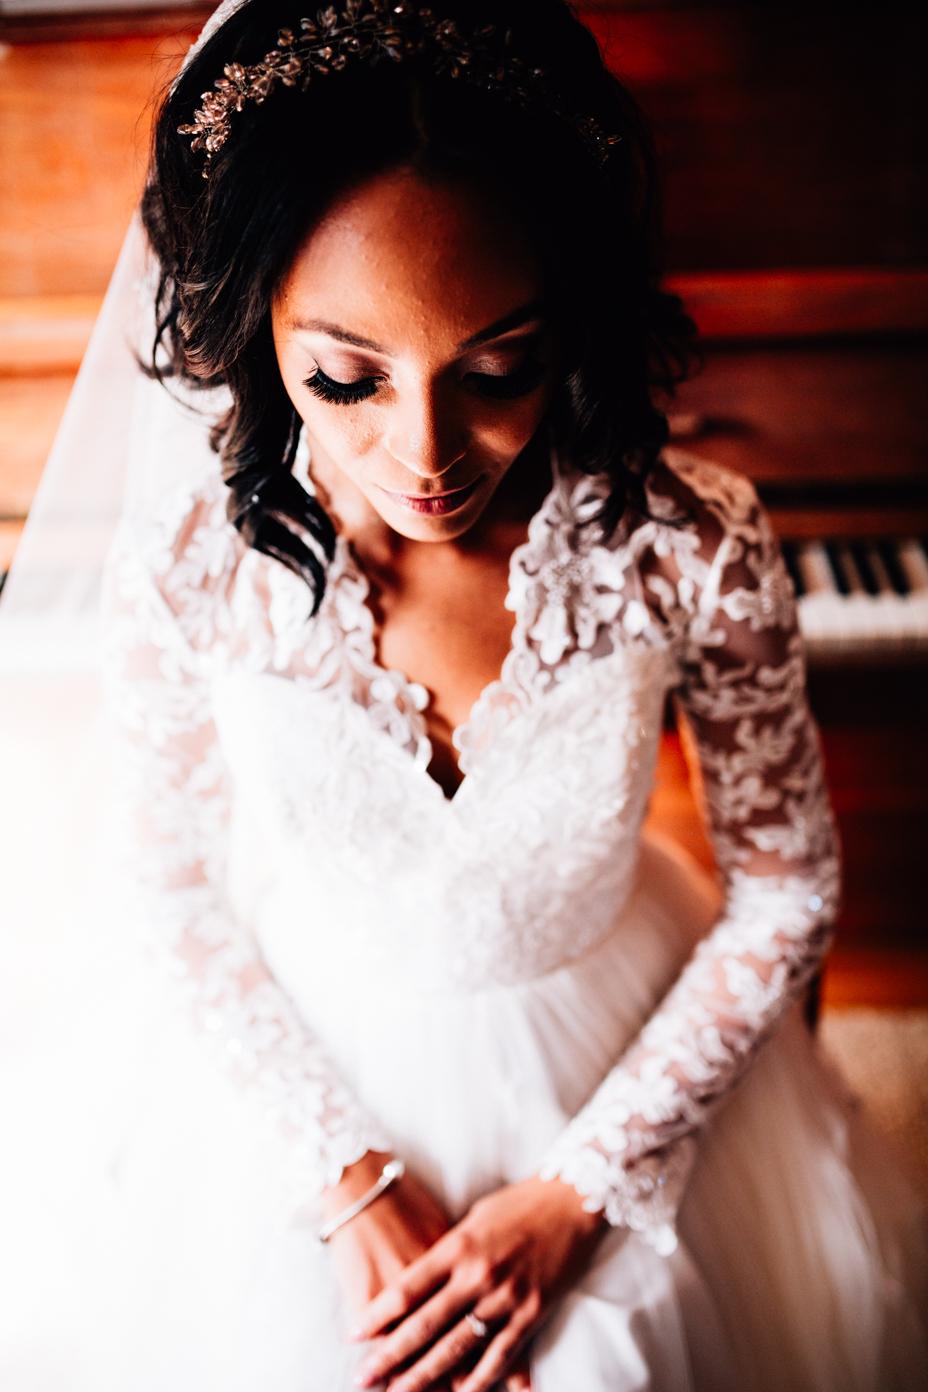 Hochzeitsfotograf-Kassel-Orangerie-Inka Englisch Photography-Hochzeitsreportage-Aue-Wedding-Photographer-Lifestyle-Storytelling-31